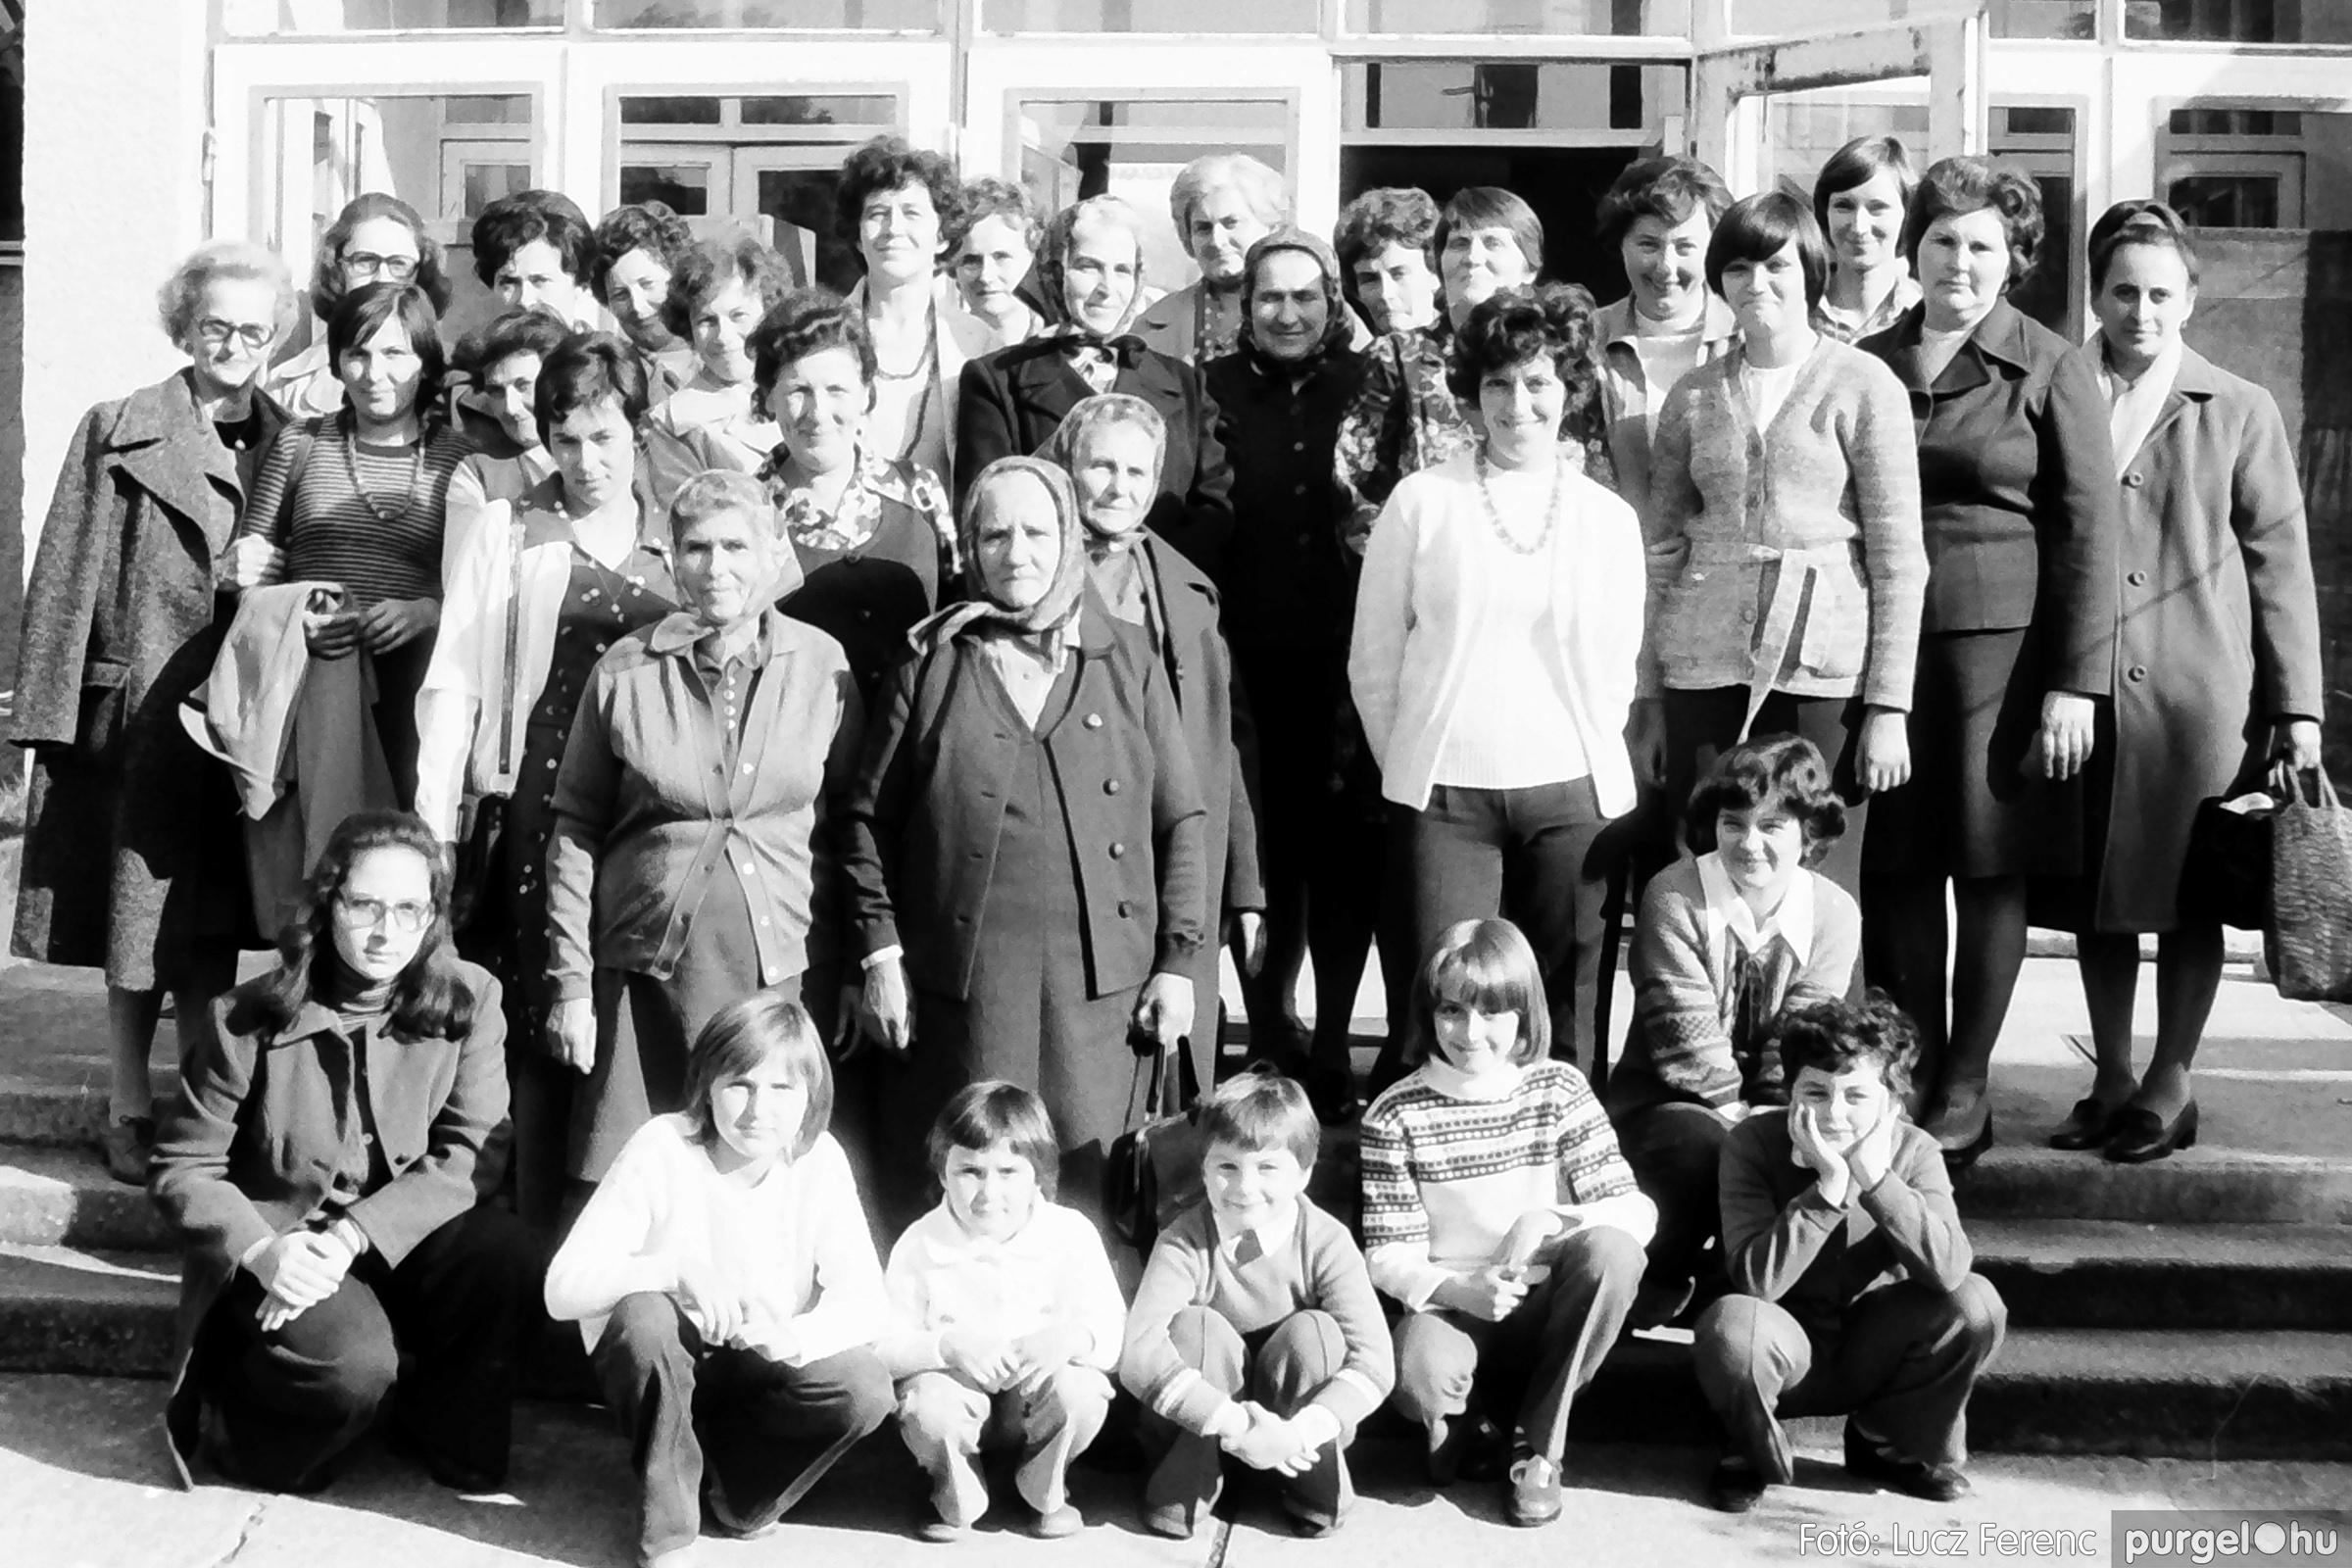 093. 1977. A szegvári és a tápéi kézimunka szakkör találkozója 001. - Fotó: Lucz Ferenc.jpg